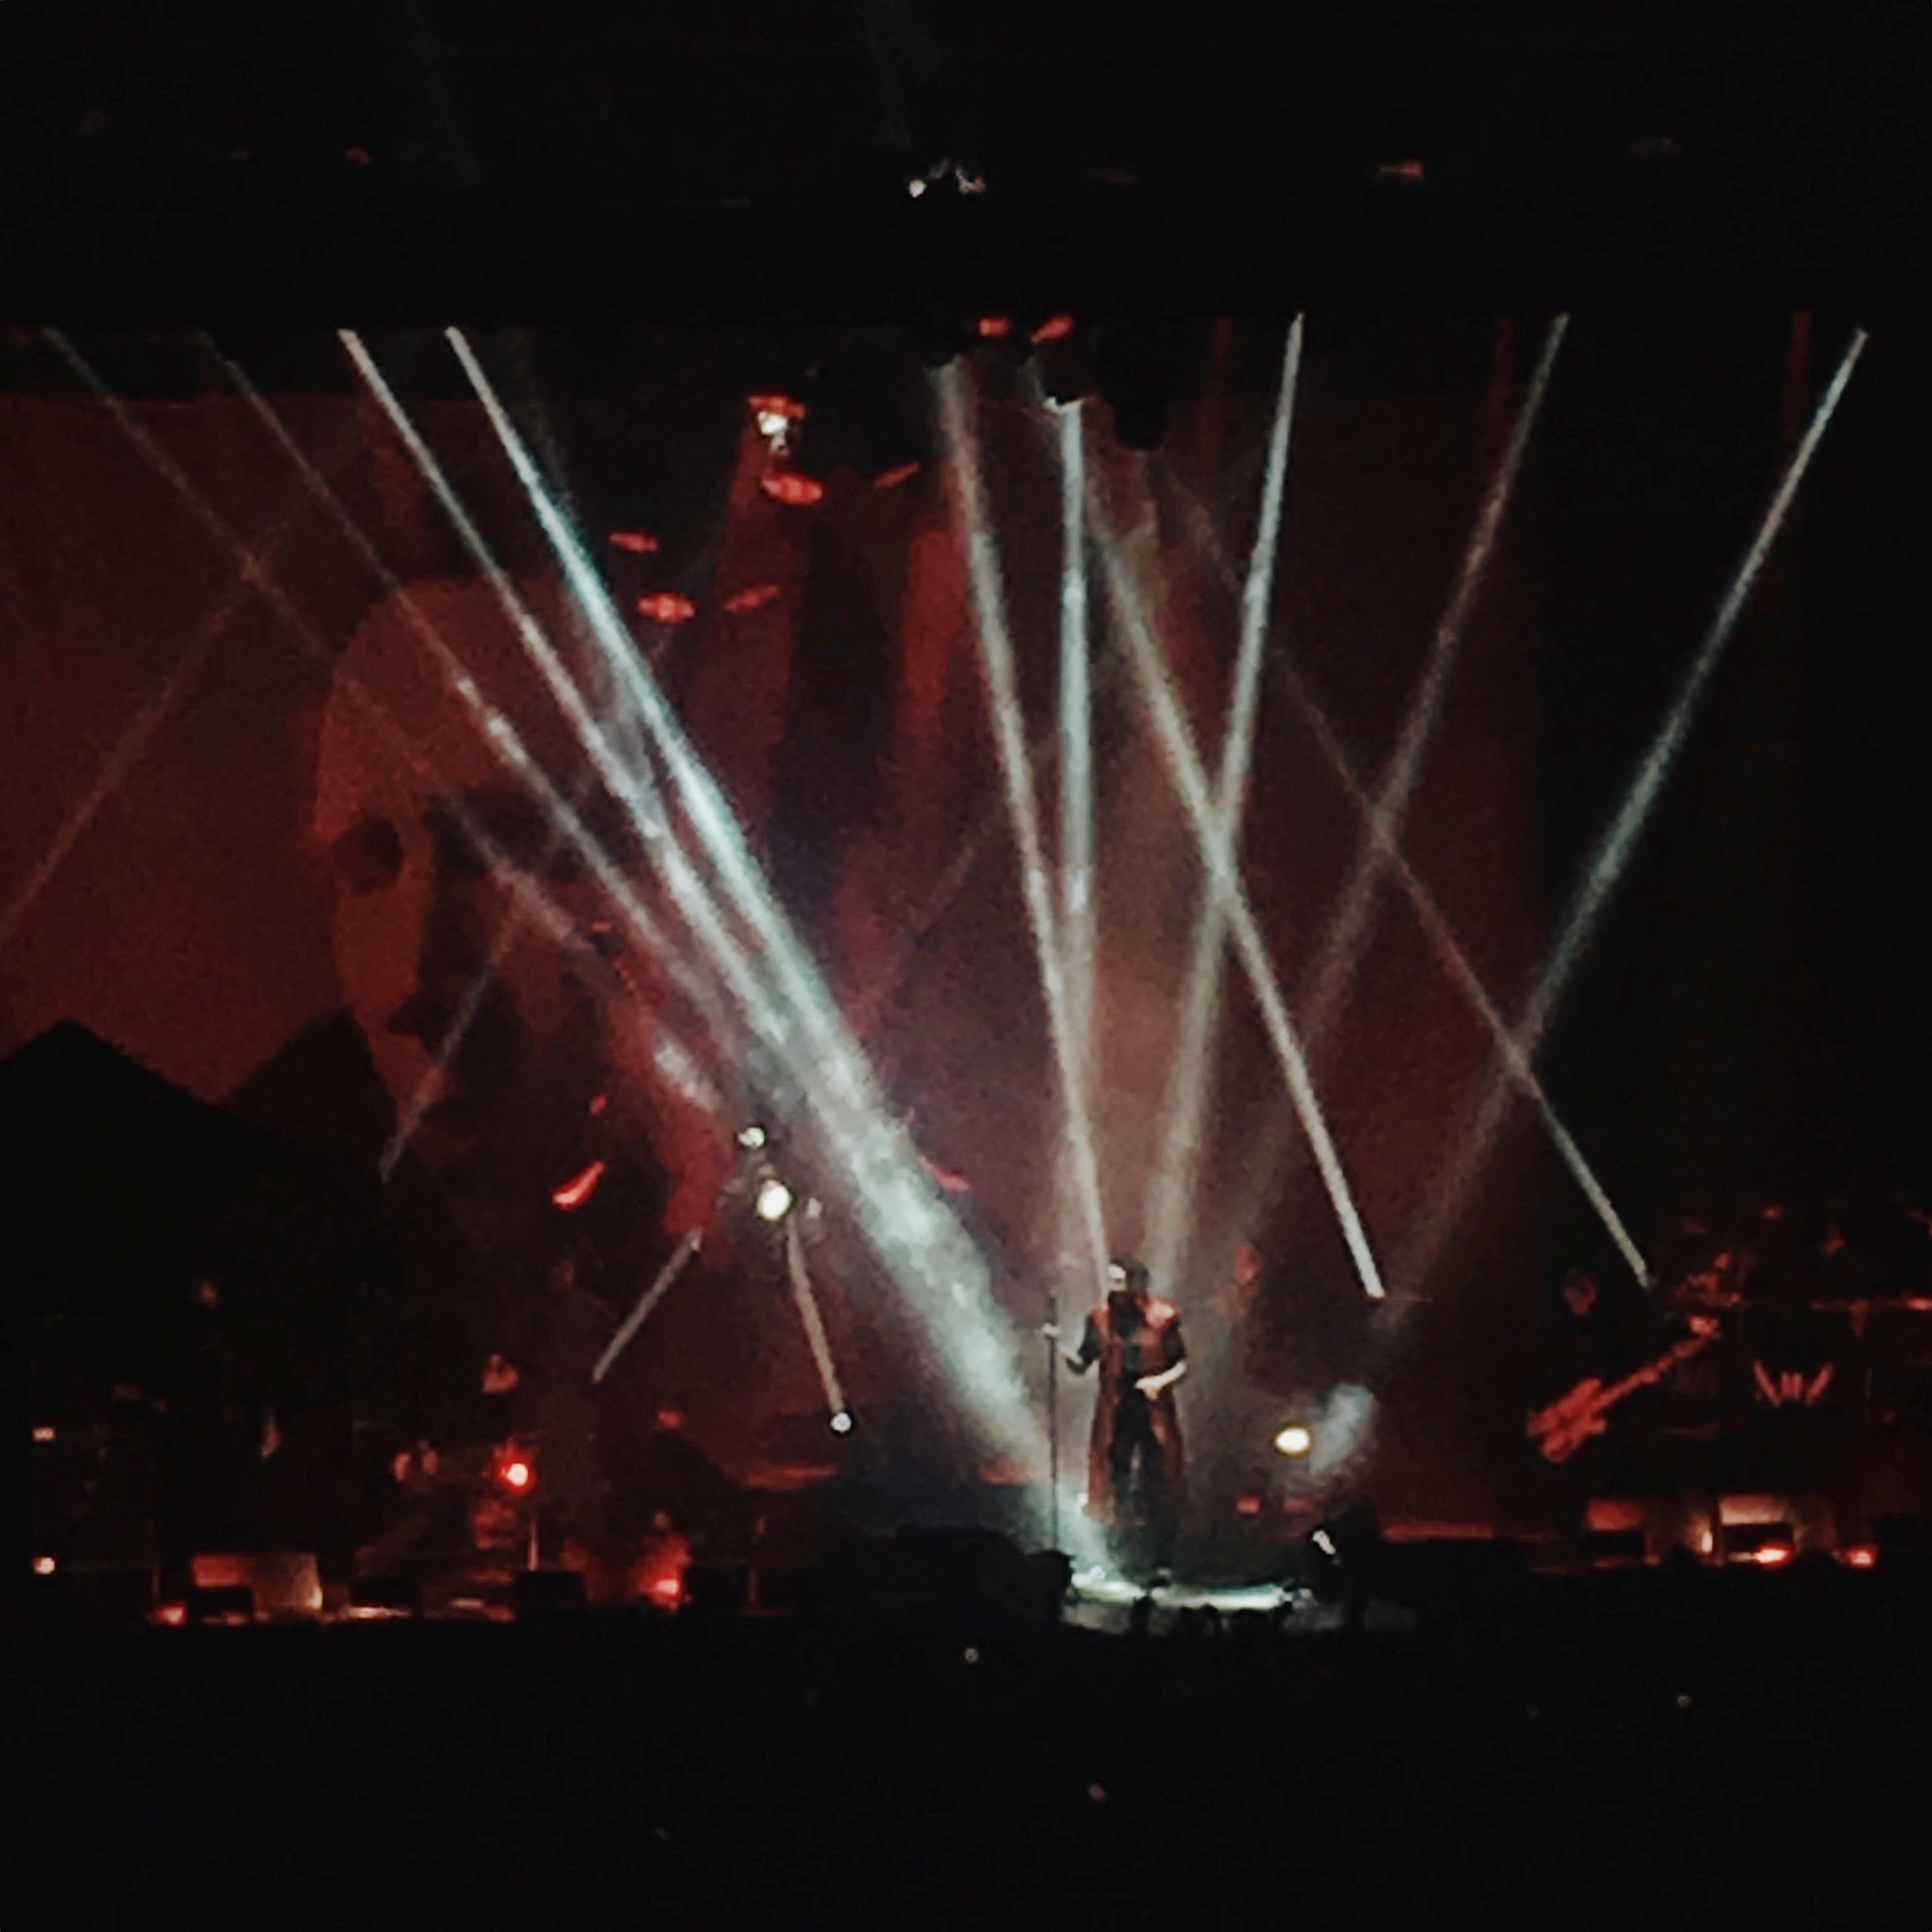 Marilyn Manson koncertas Helsinkyje: 80 minučių rojaus aukštyn kojomis